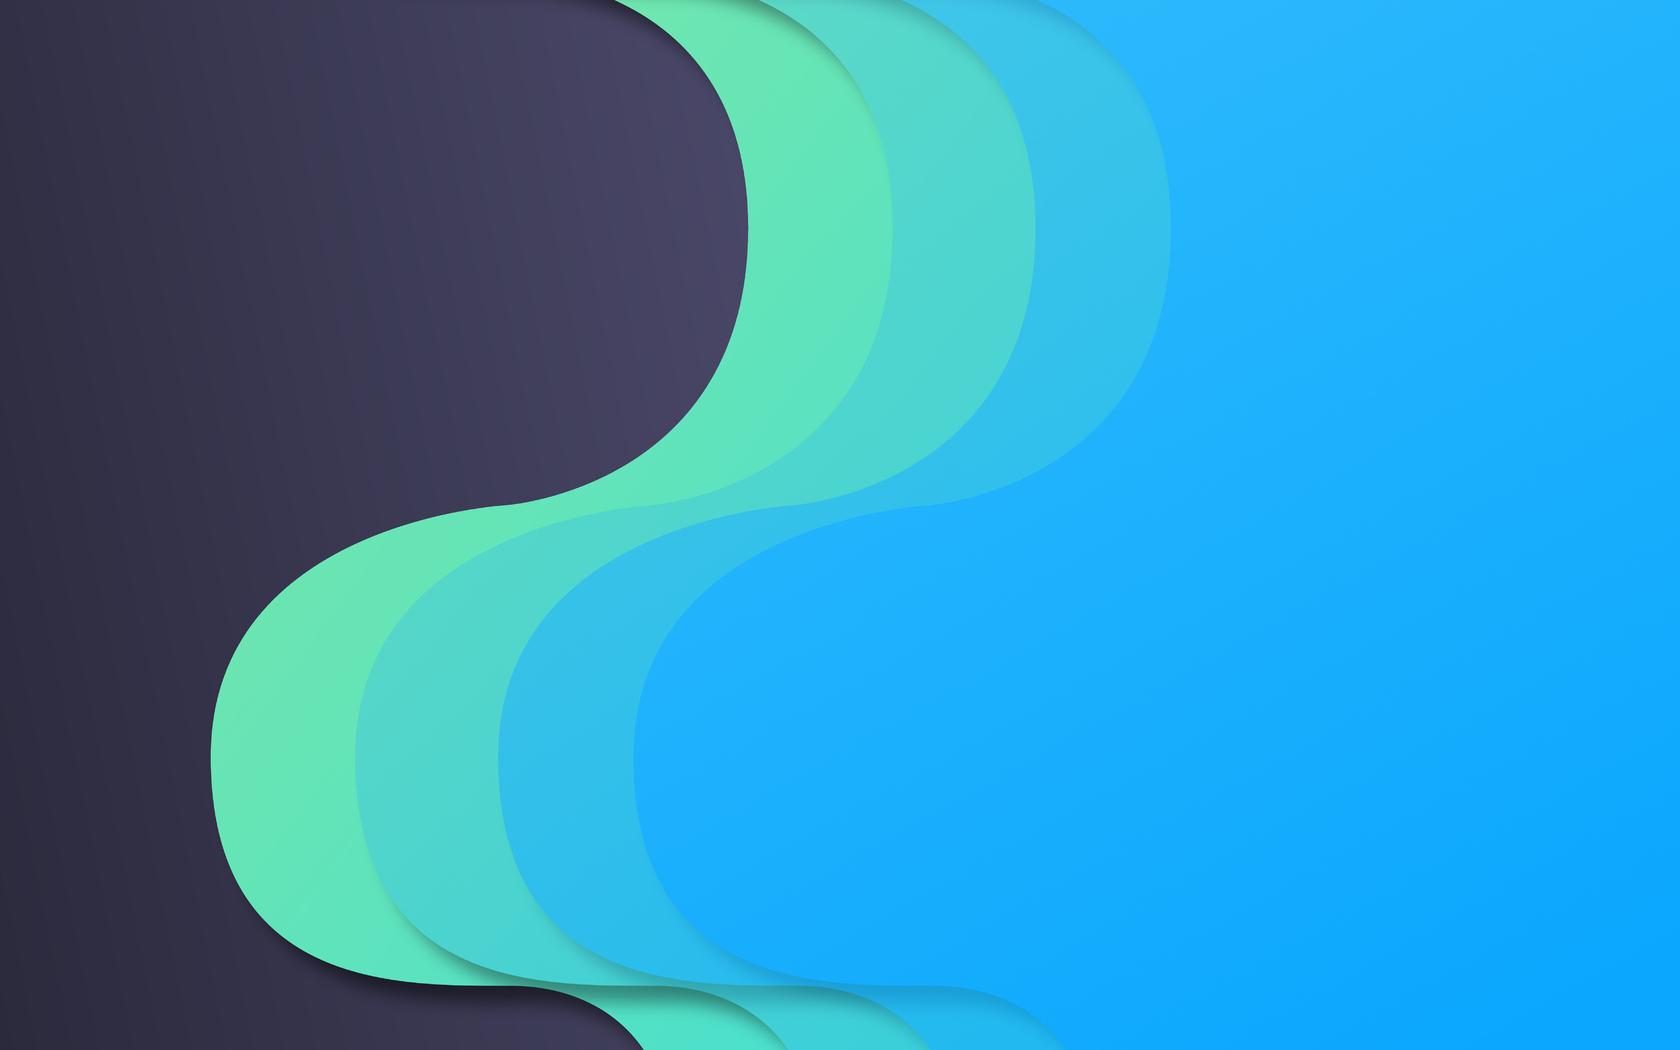 material-design-flow-blue-green-8k-av.jpg